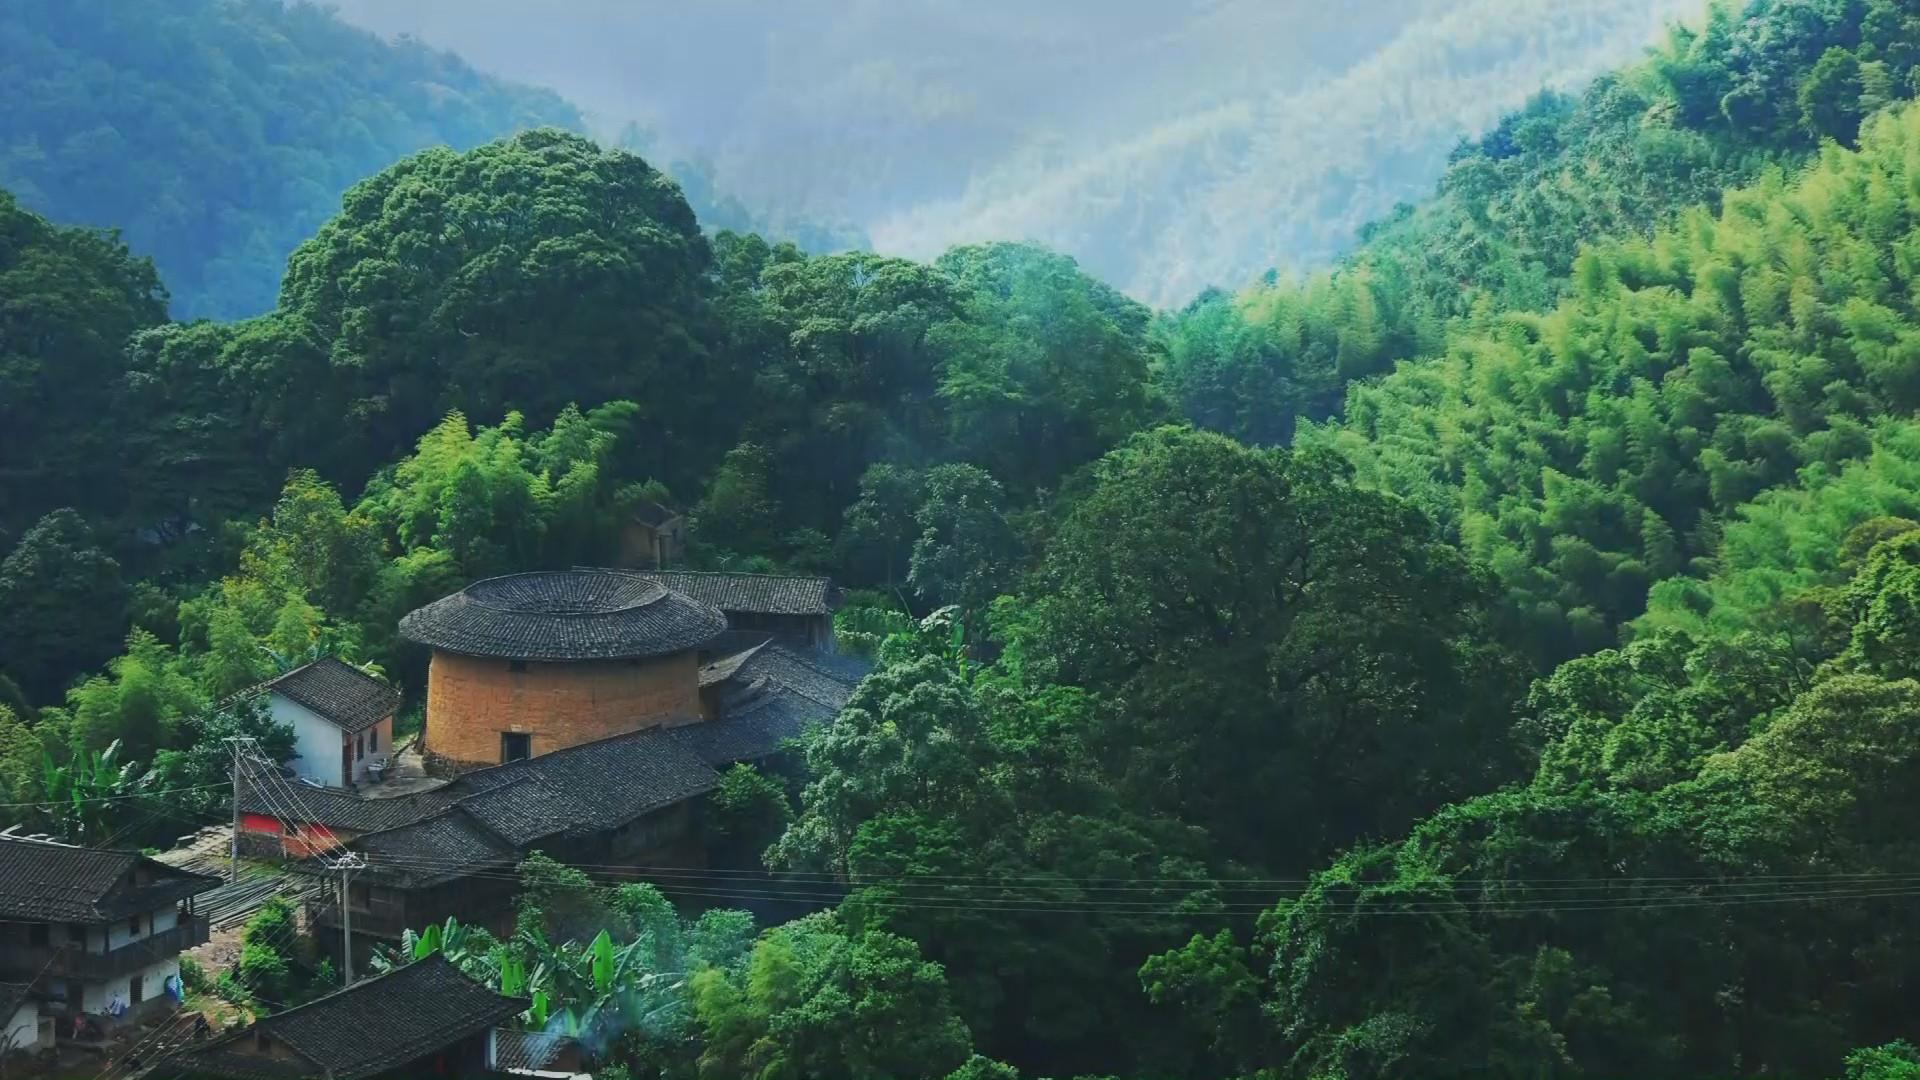 南靖新罗村坚持多措并举 打造富美乡村示范点